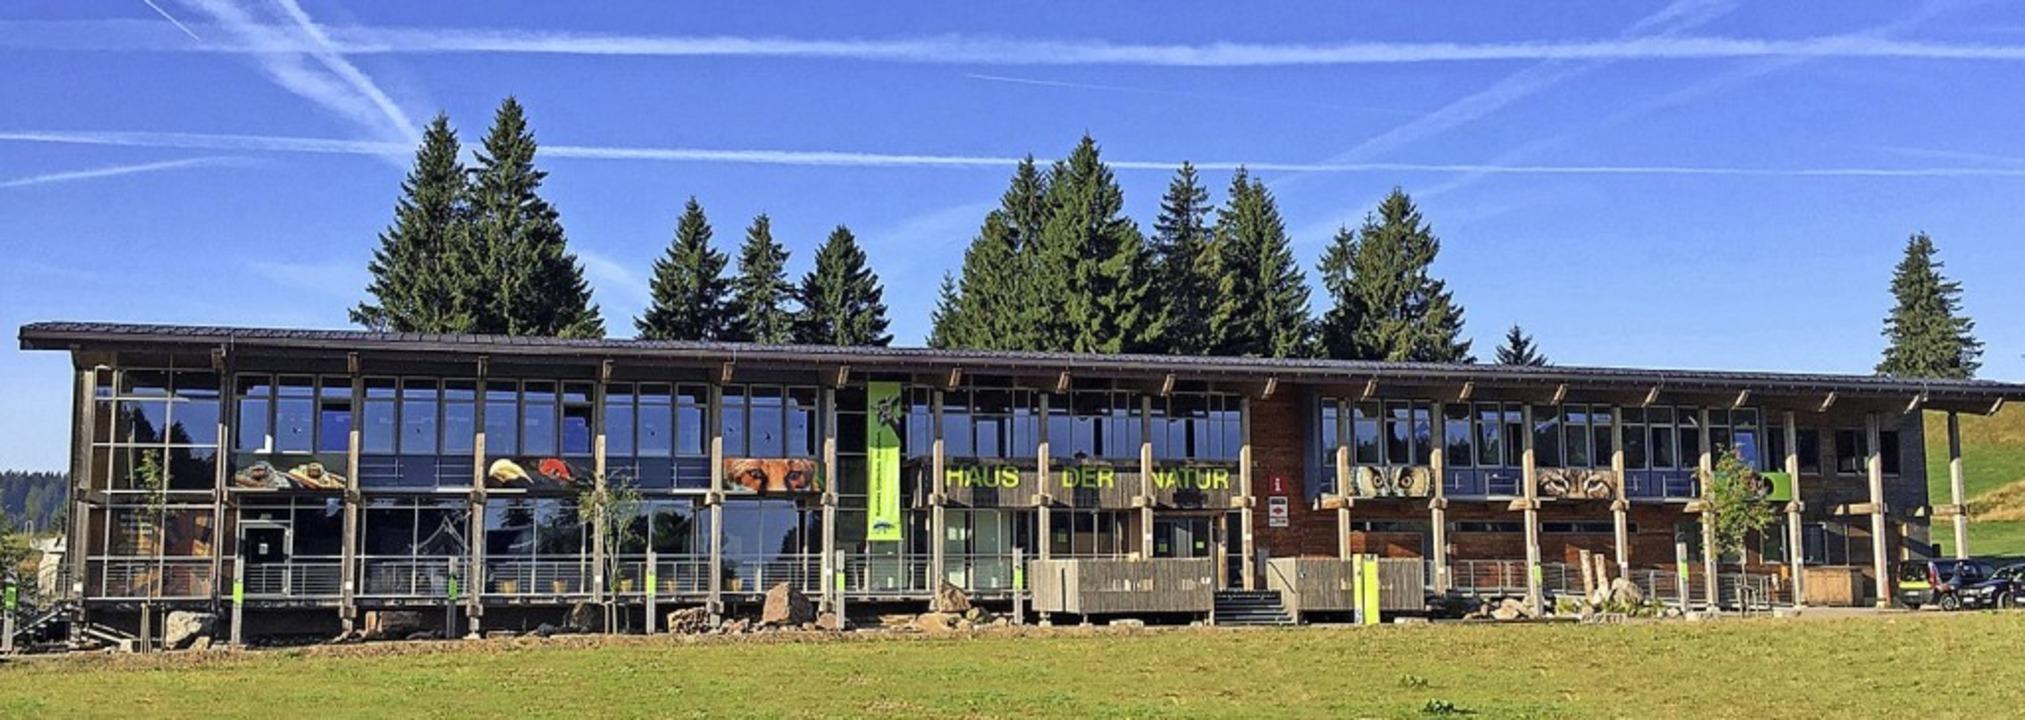 Das Haus der Natur am Feldberg kann wohl  erweitert werden.      Foto: Haus der Natur